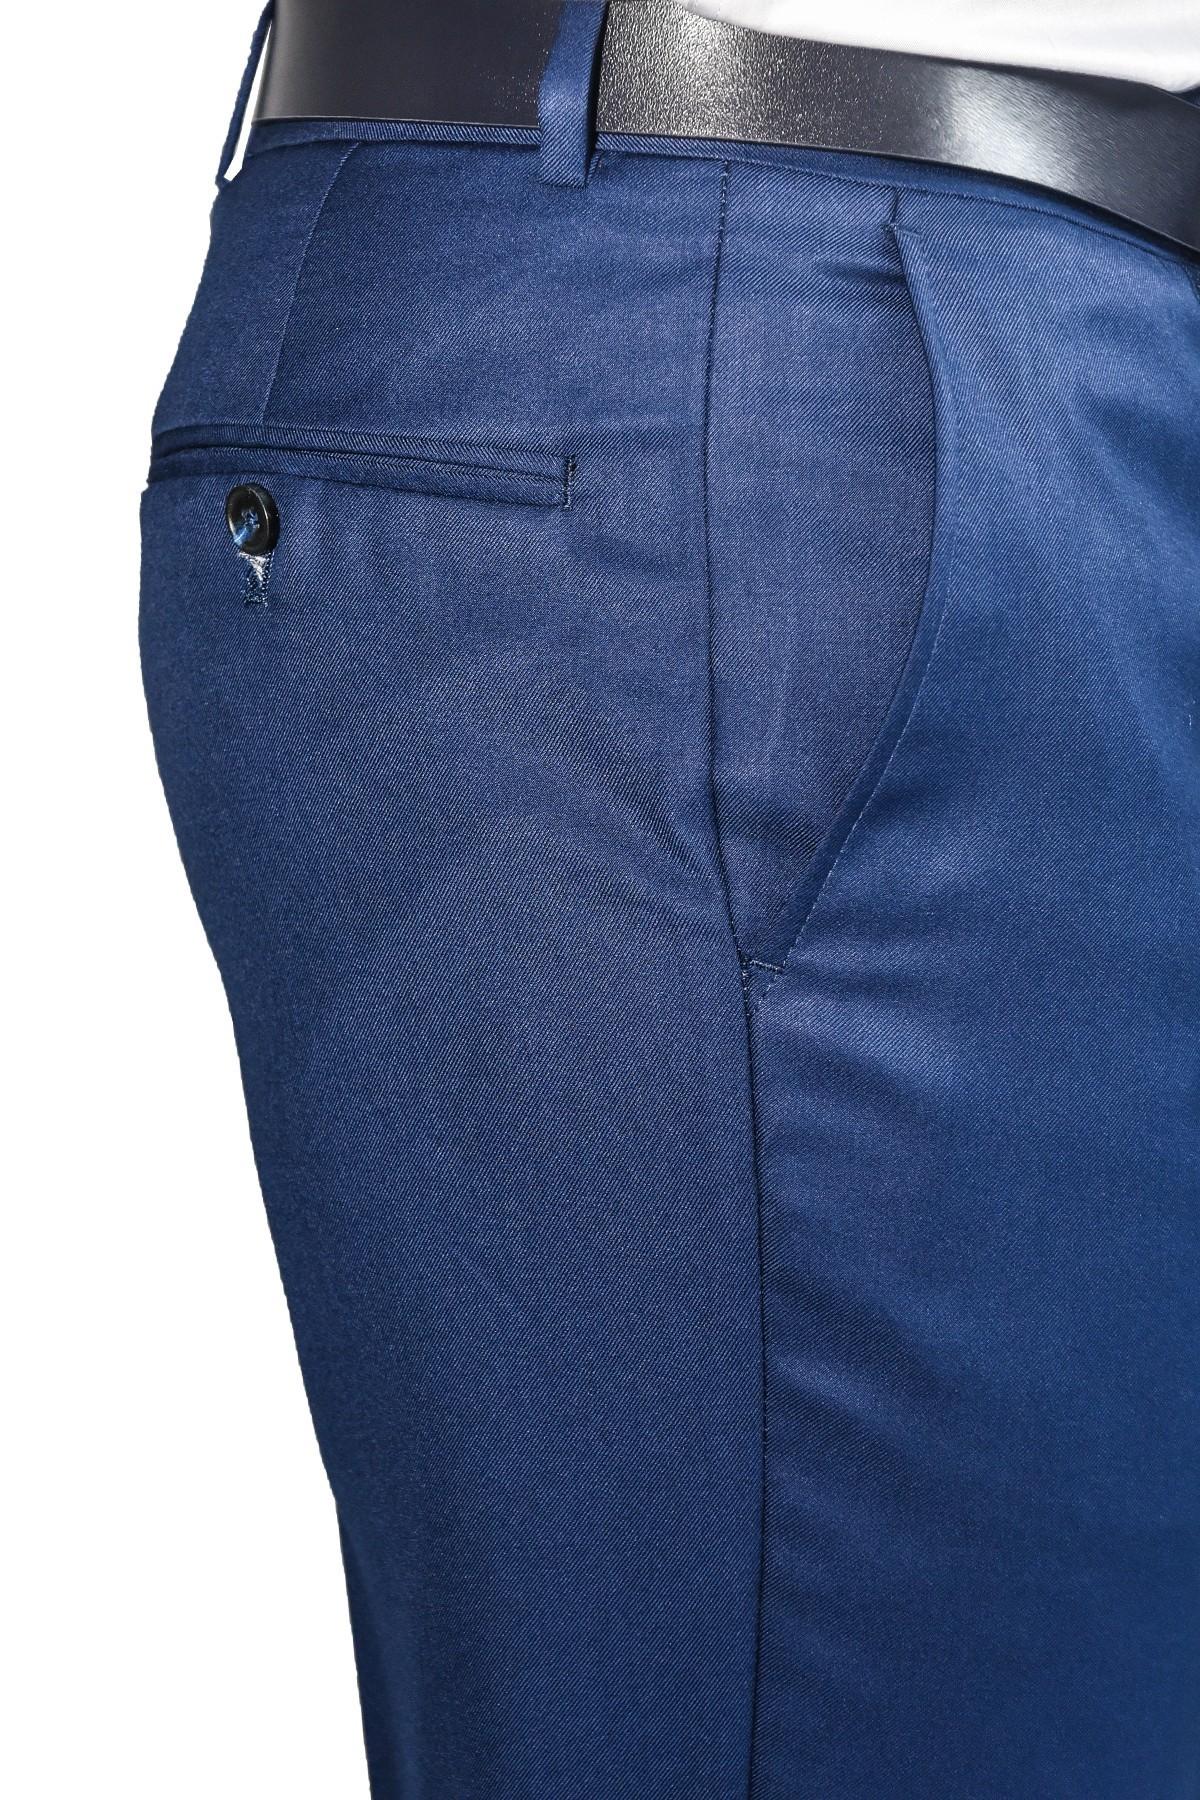 Classic blue men's suit trousers